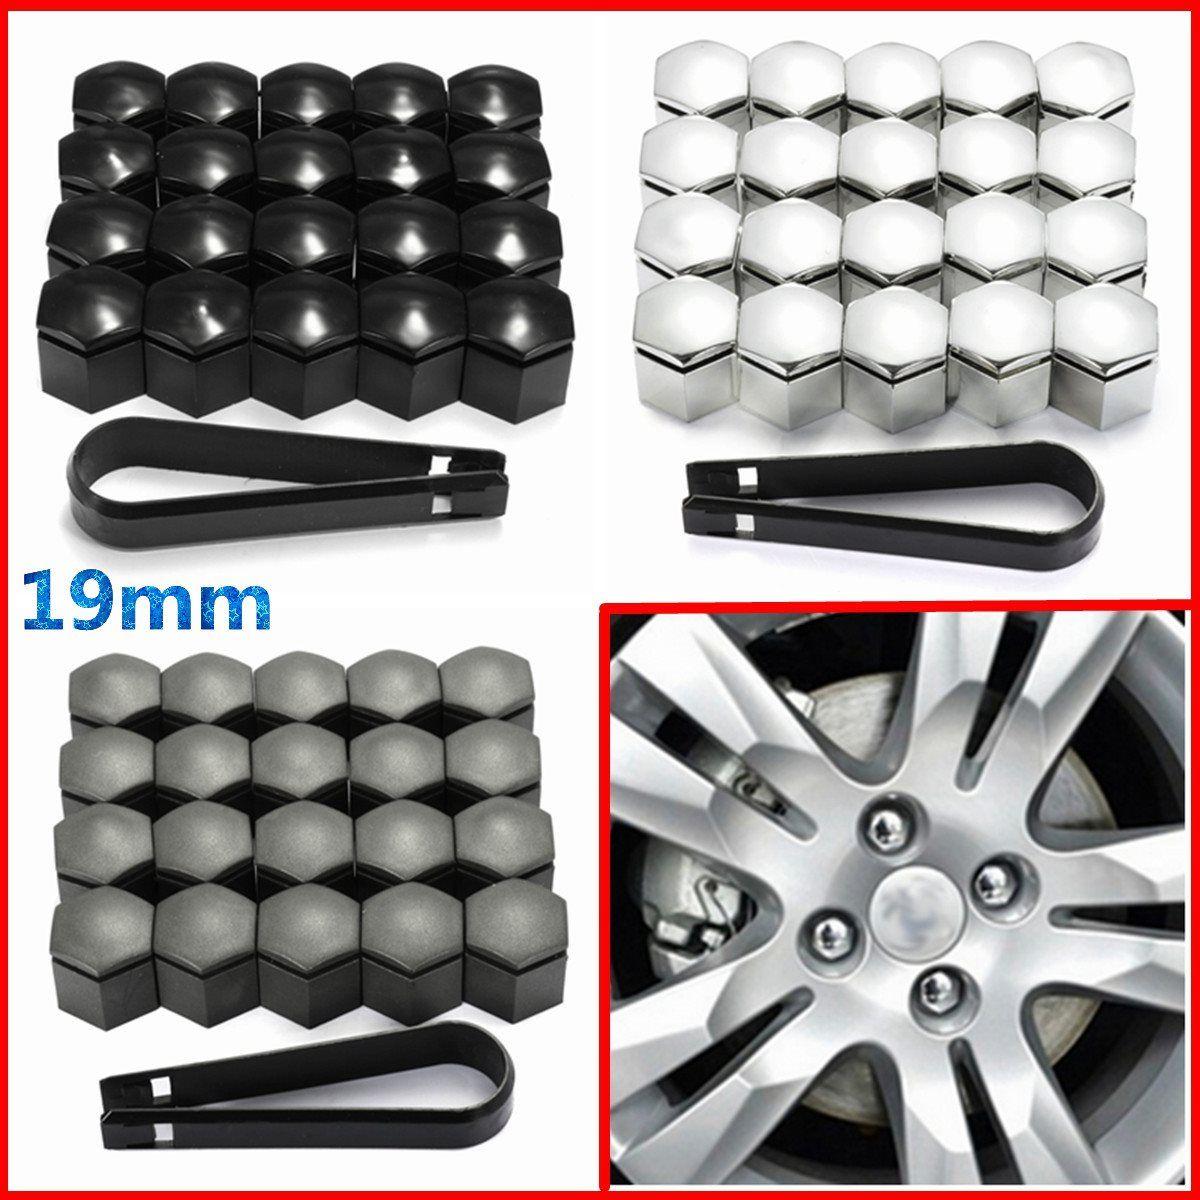 20 stücke 19mm Radmutter Abdeckung Bolzen Schutz Für Vauxhall Opel Romove Werkzeug Key